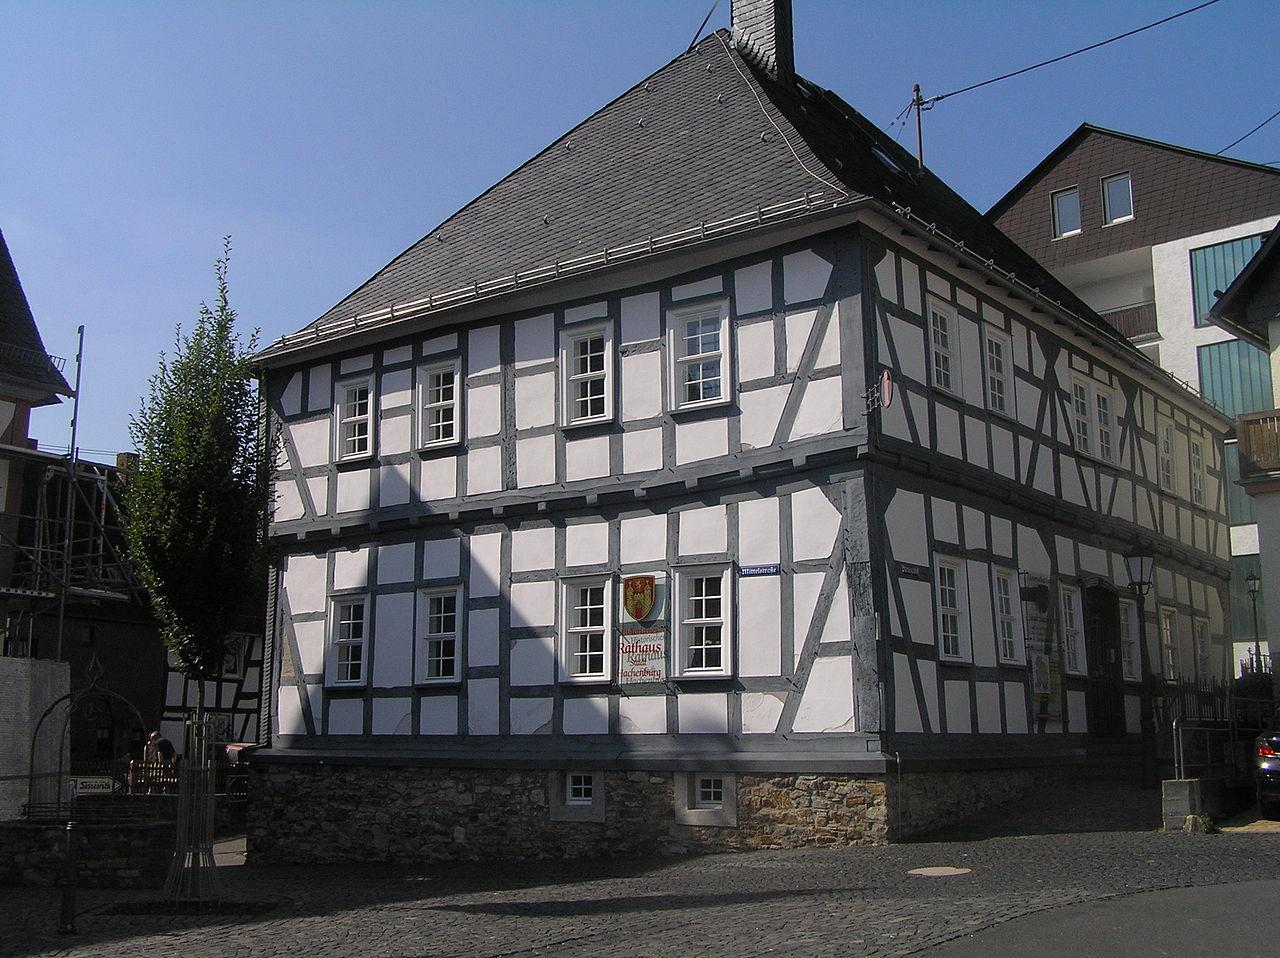 Bild Rathaus Hachenburg